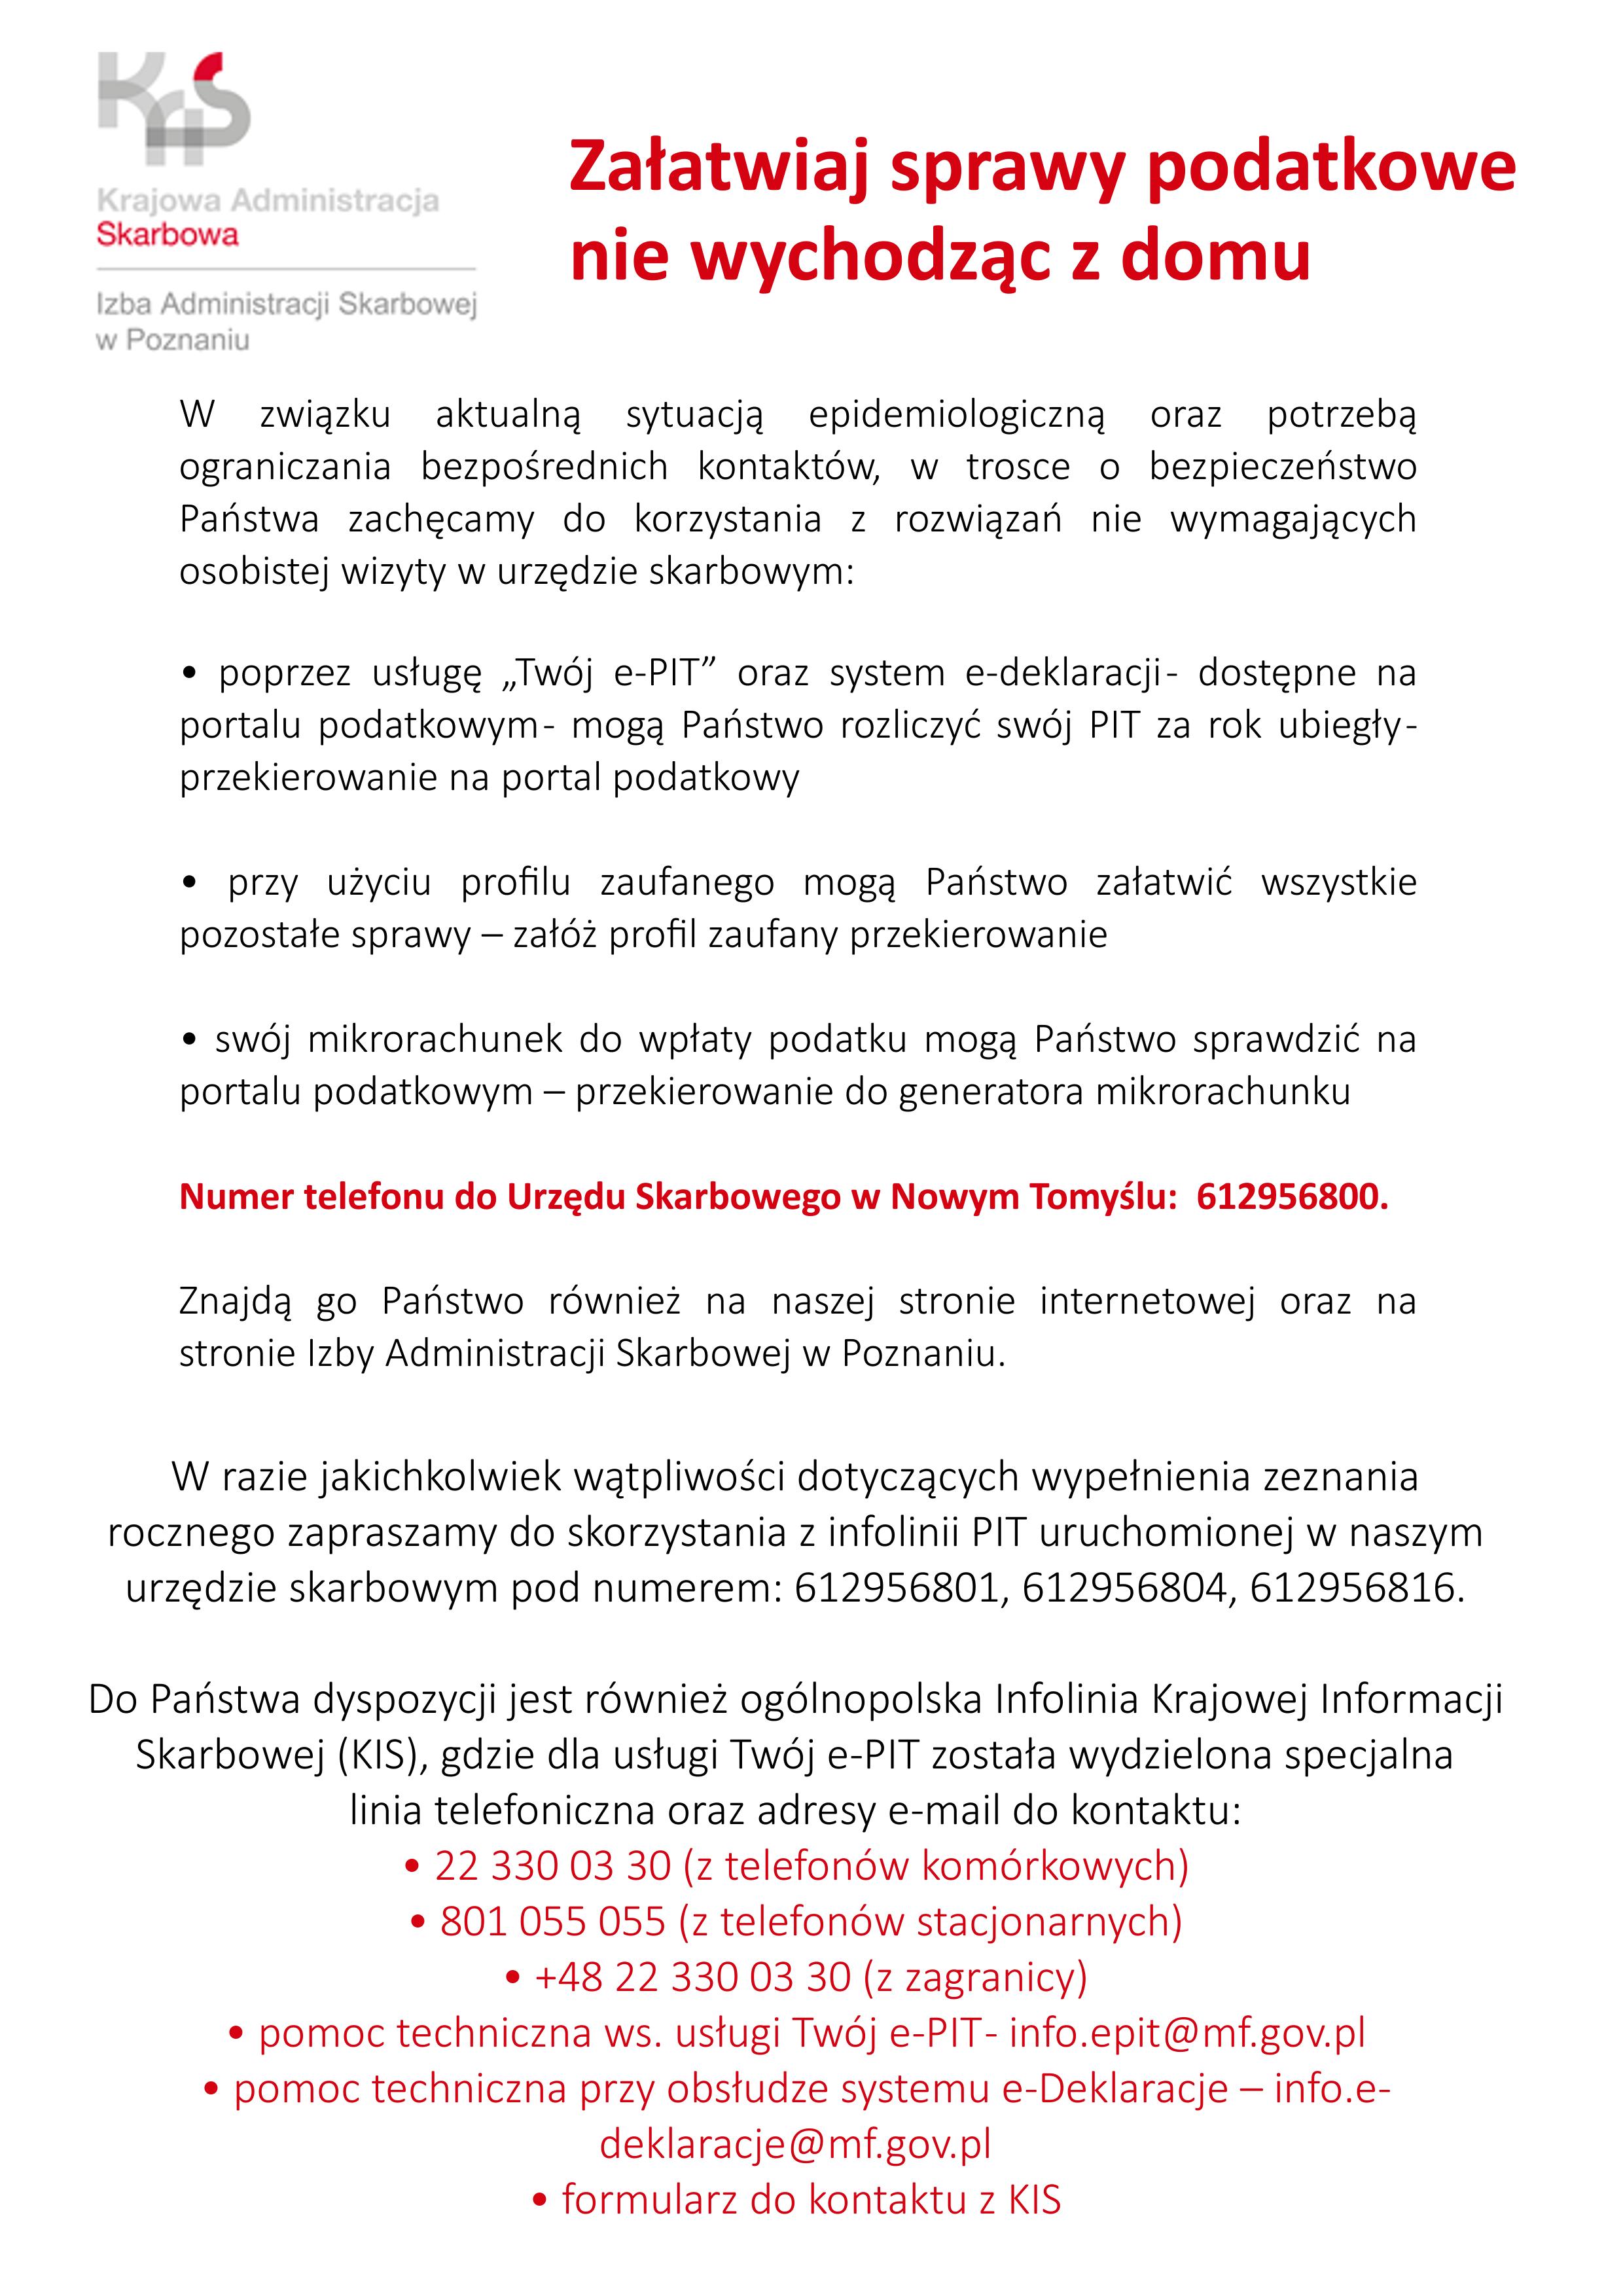 Ilustracja do informacji: Informacja dotycząca Urzędu Skarbowego w Nowym Tomyślu